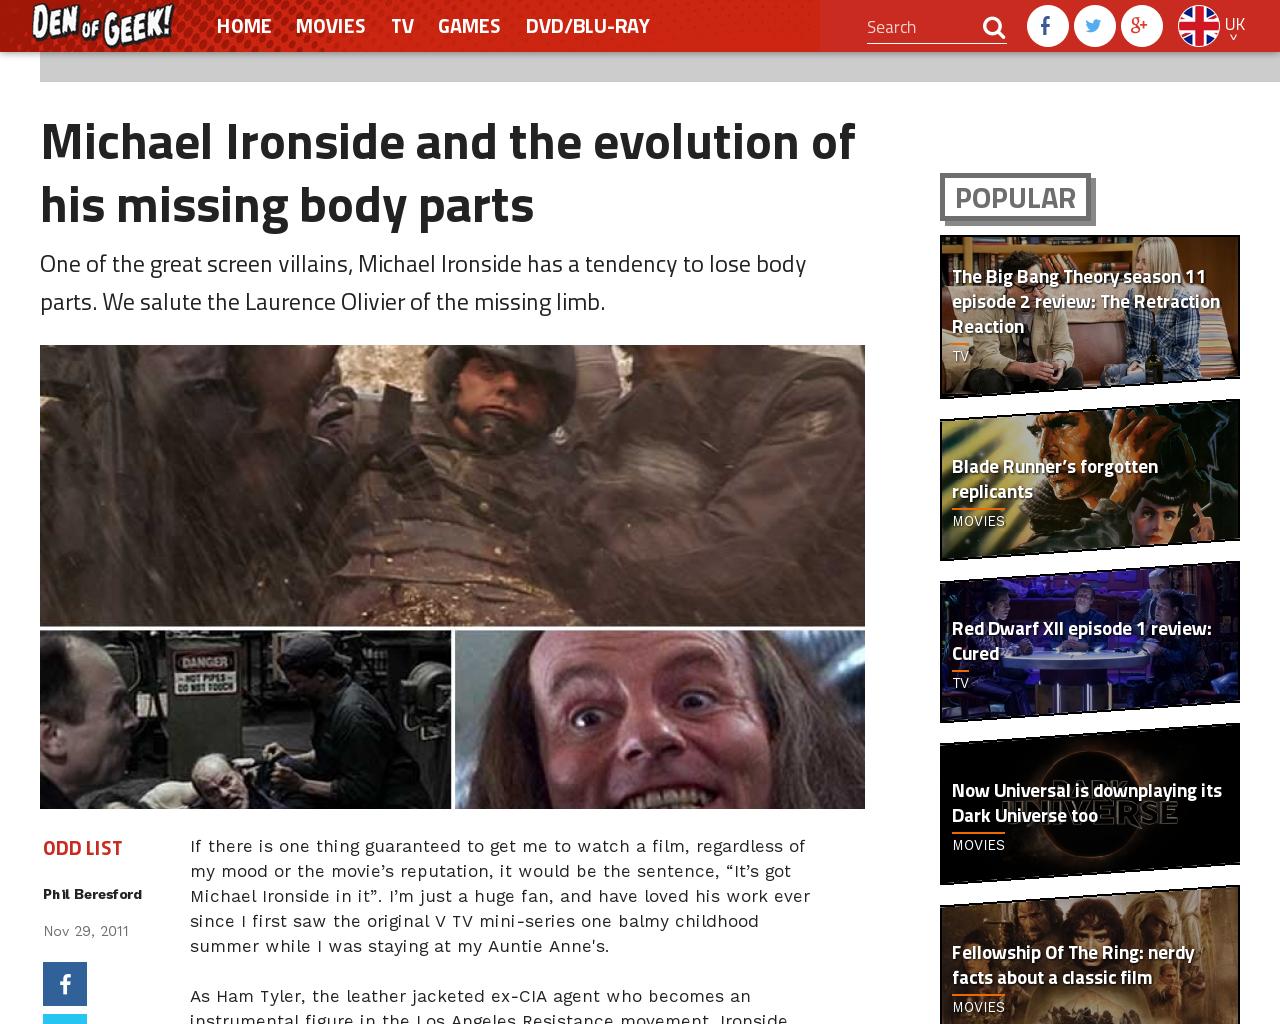 Michael ironside and the evolution of his missing body parts (Michael).  Voir. Dossier michael ironside et l art de perdre un bras ... 48d806ed32d